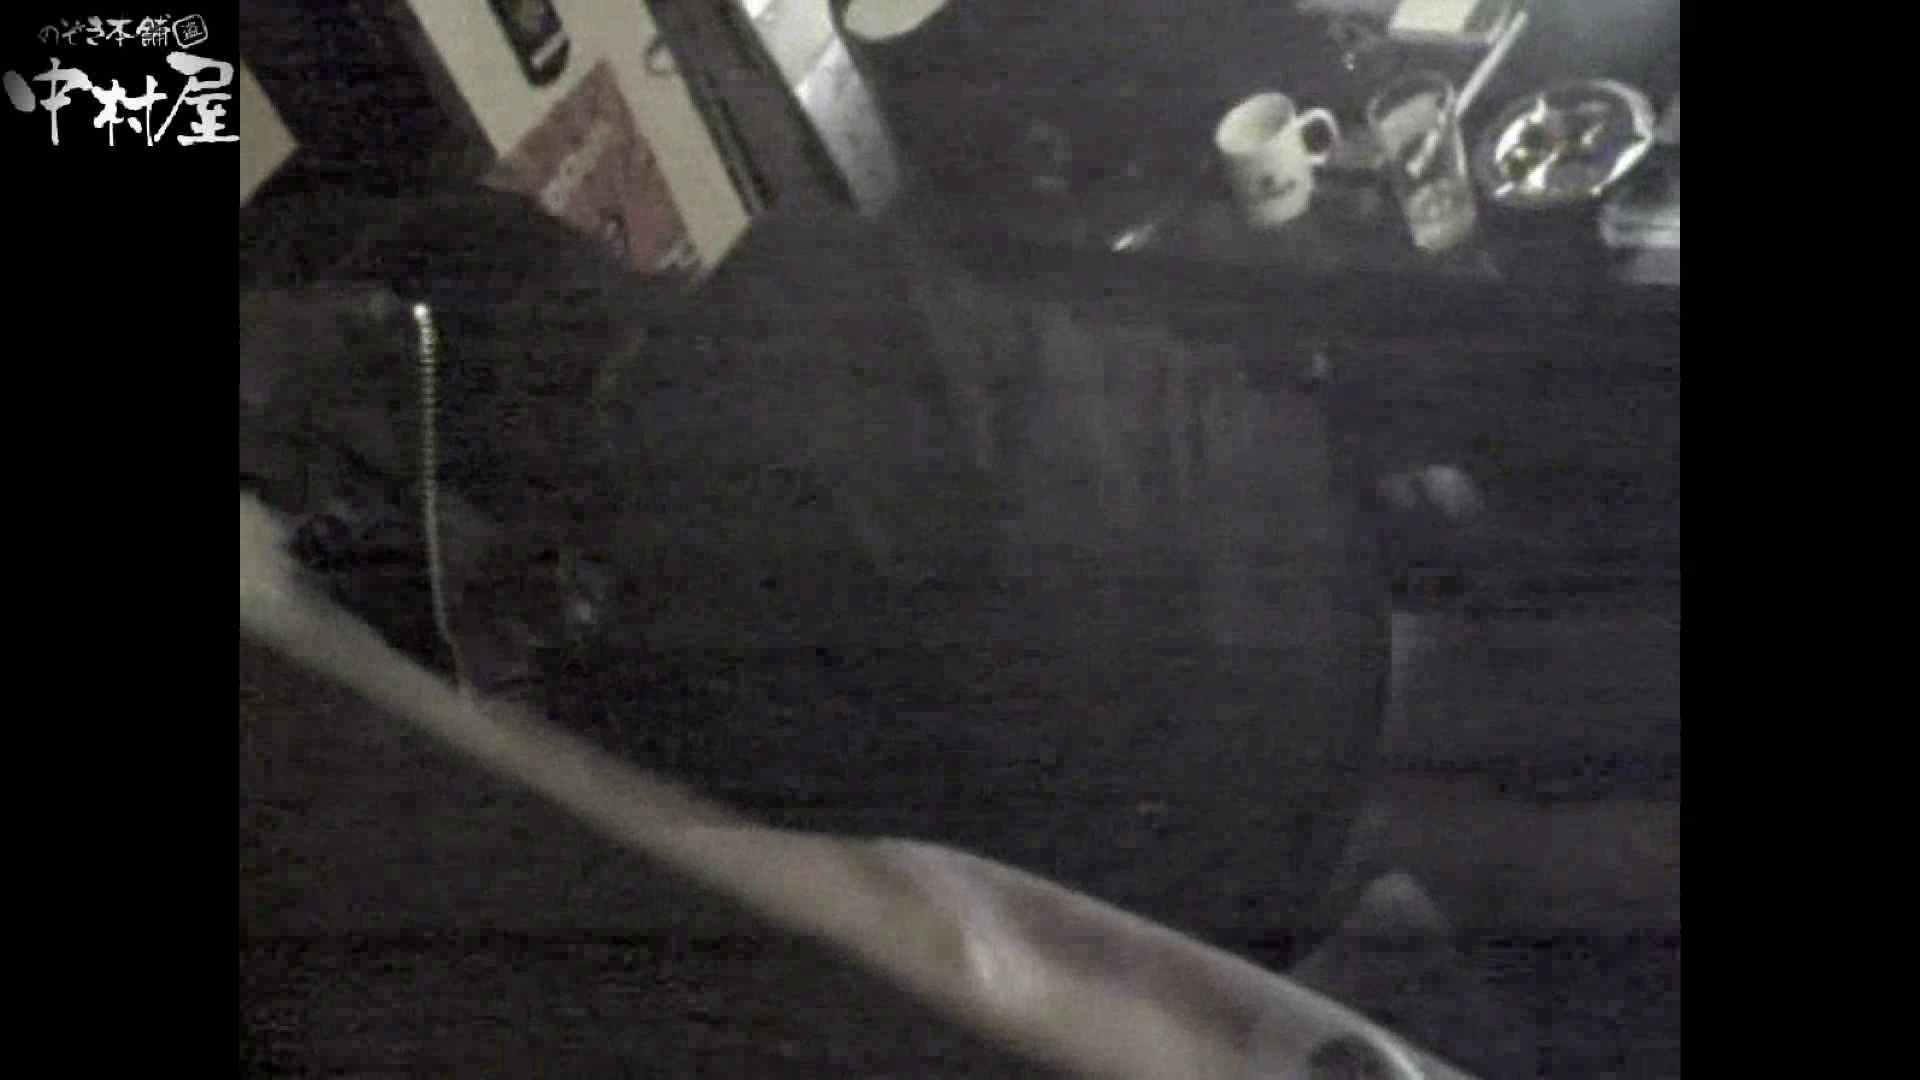 インターネットカフェの中で起こっている出来事 vol.007 OL女体 オマンコ無修正動画無料 64連発 44